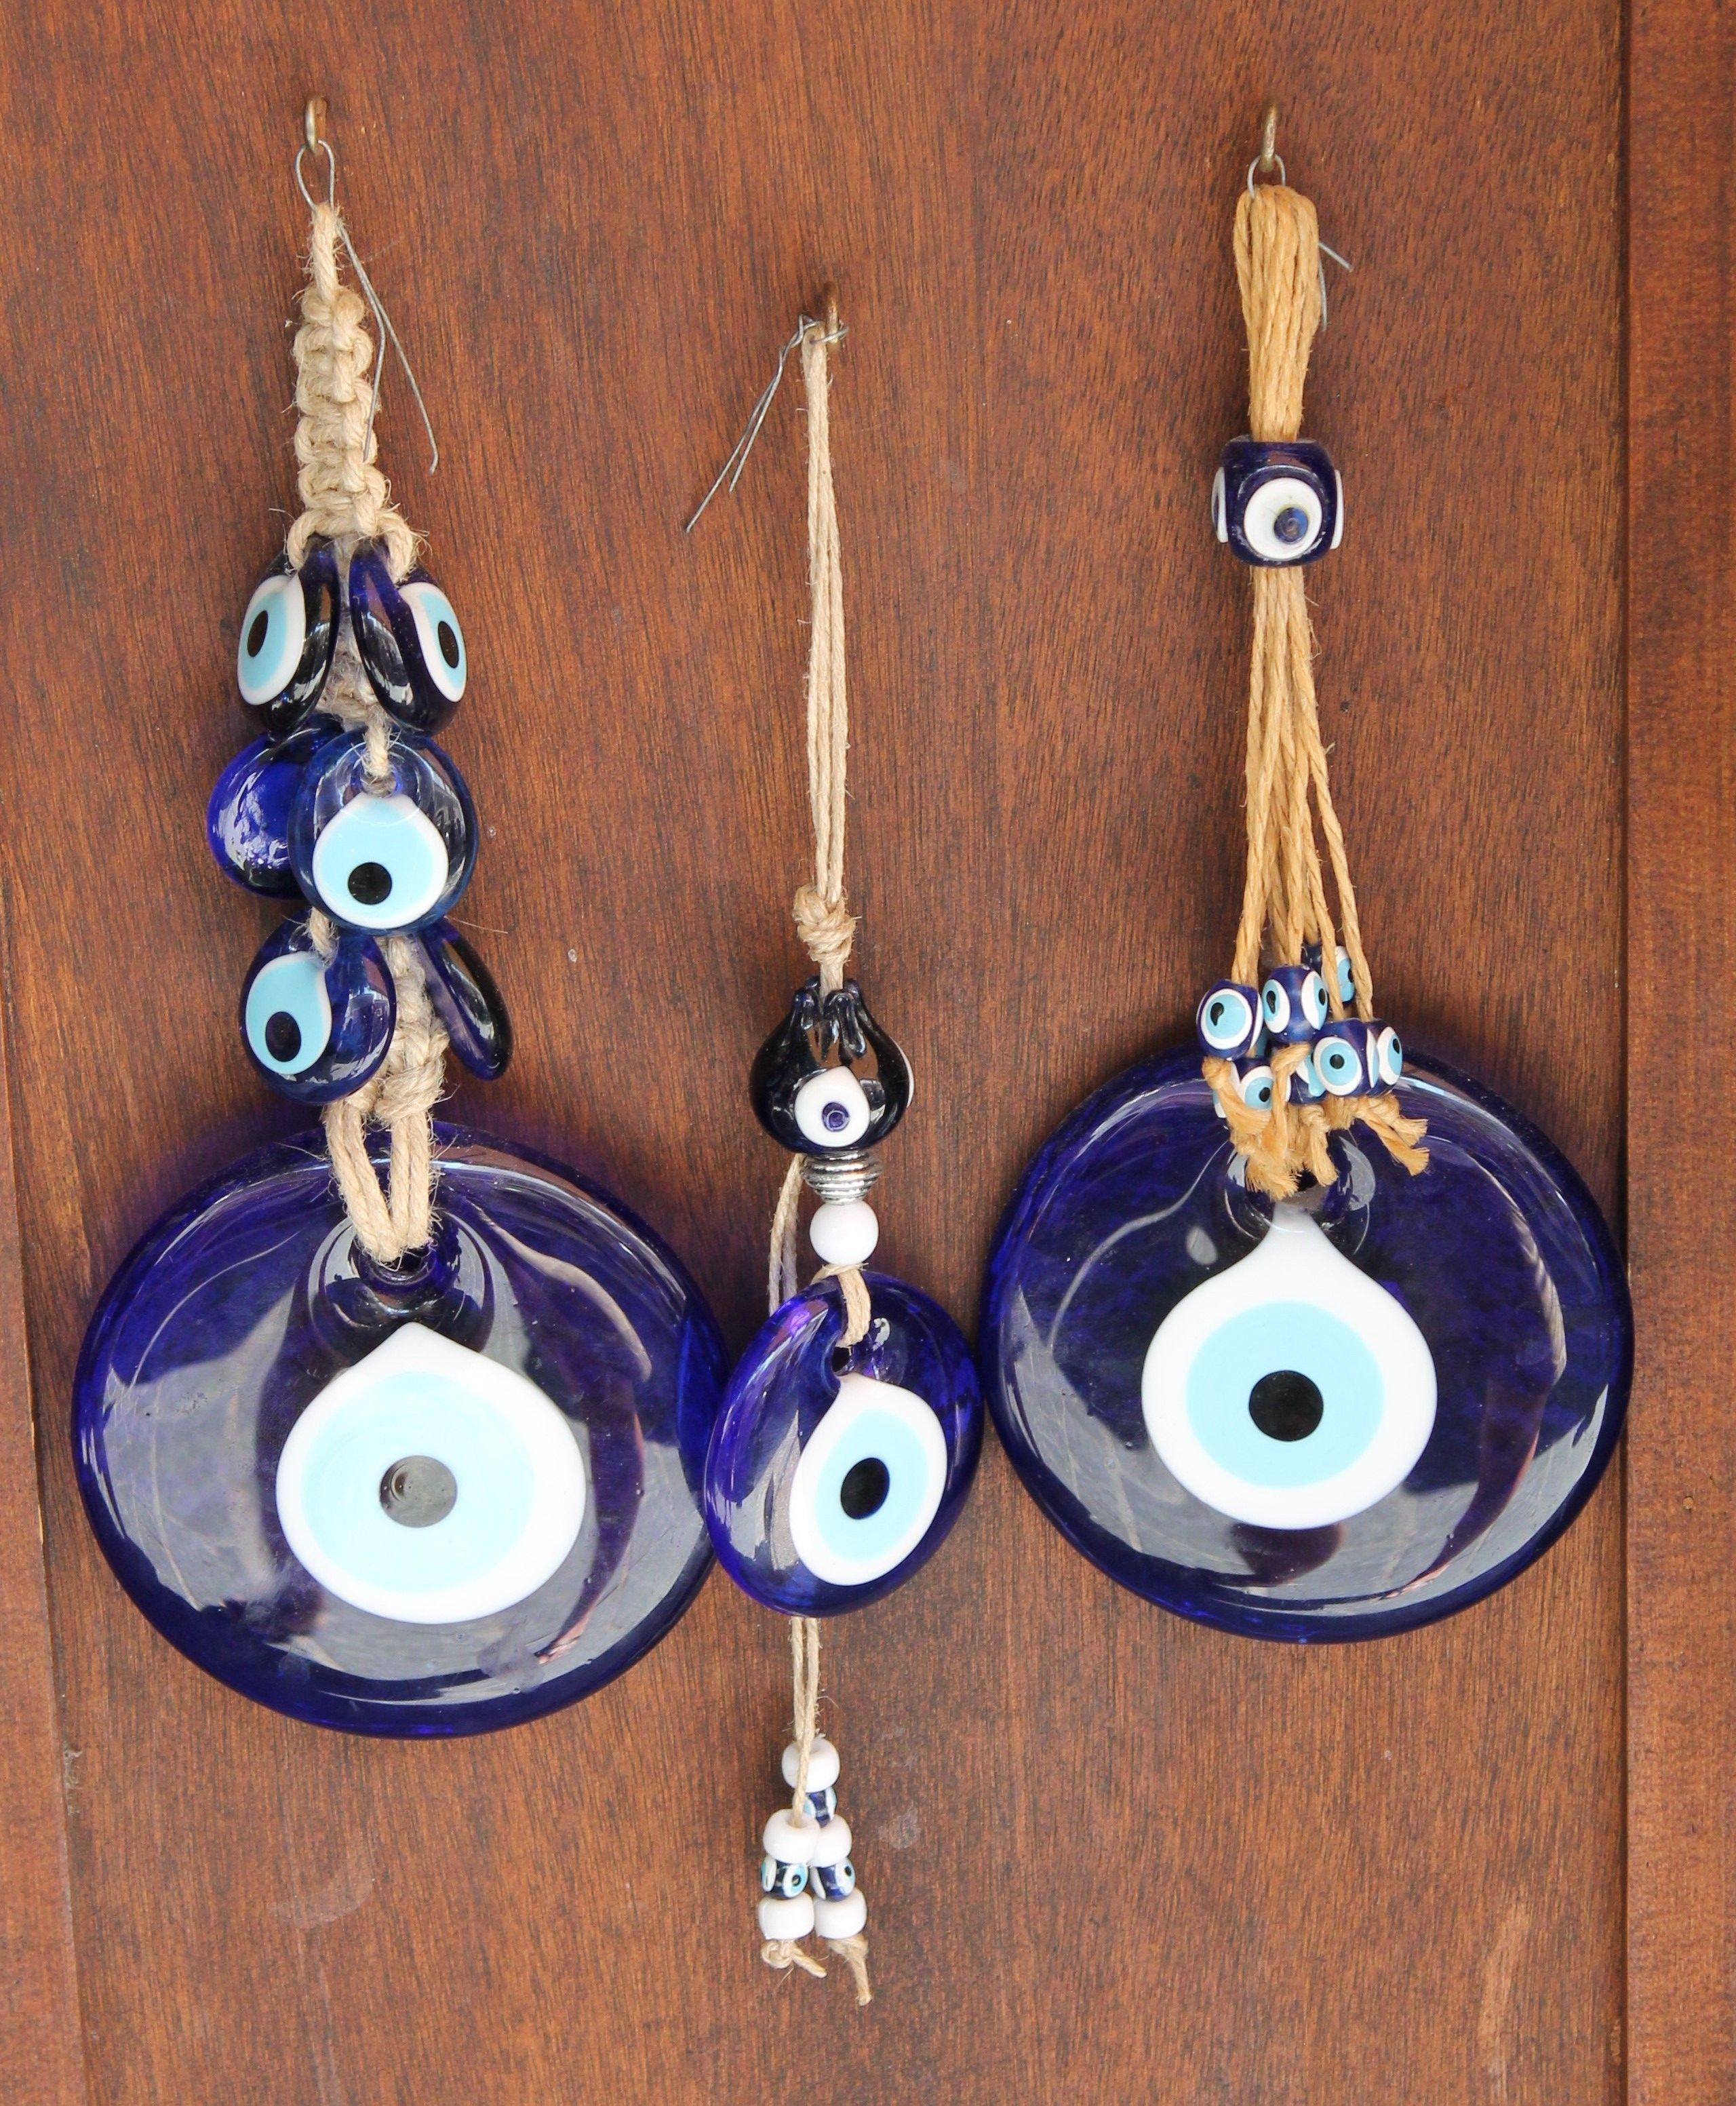 lindos oeil grec bleu porte bonheur il prot ge contre le. Black Bedroom Furniture Sets. Home Design Ideas